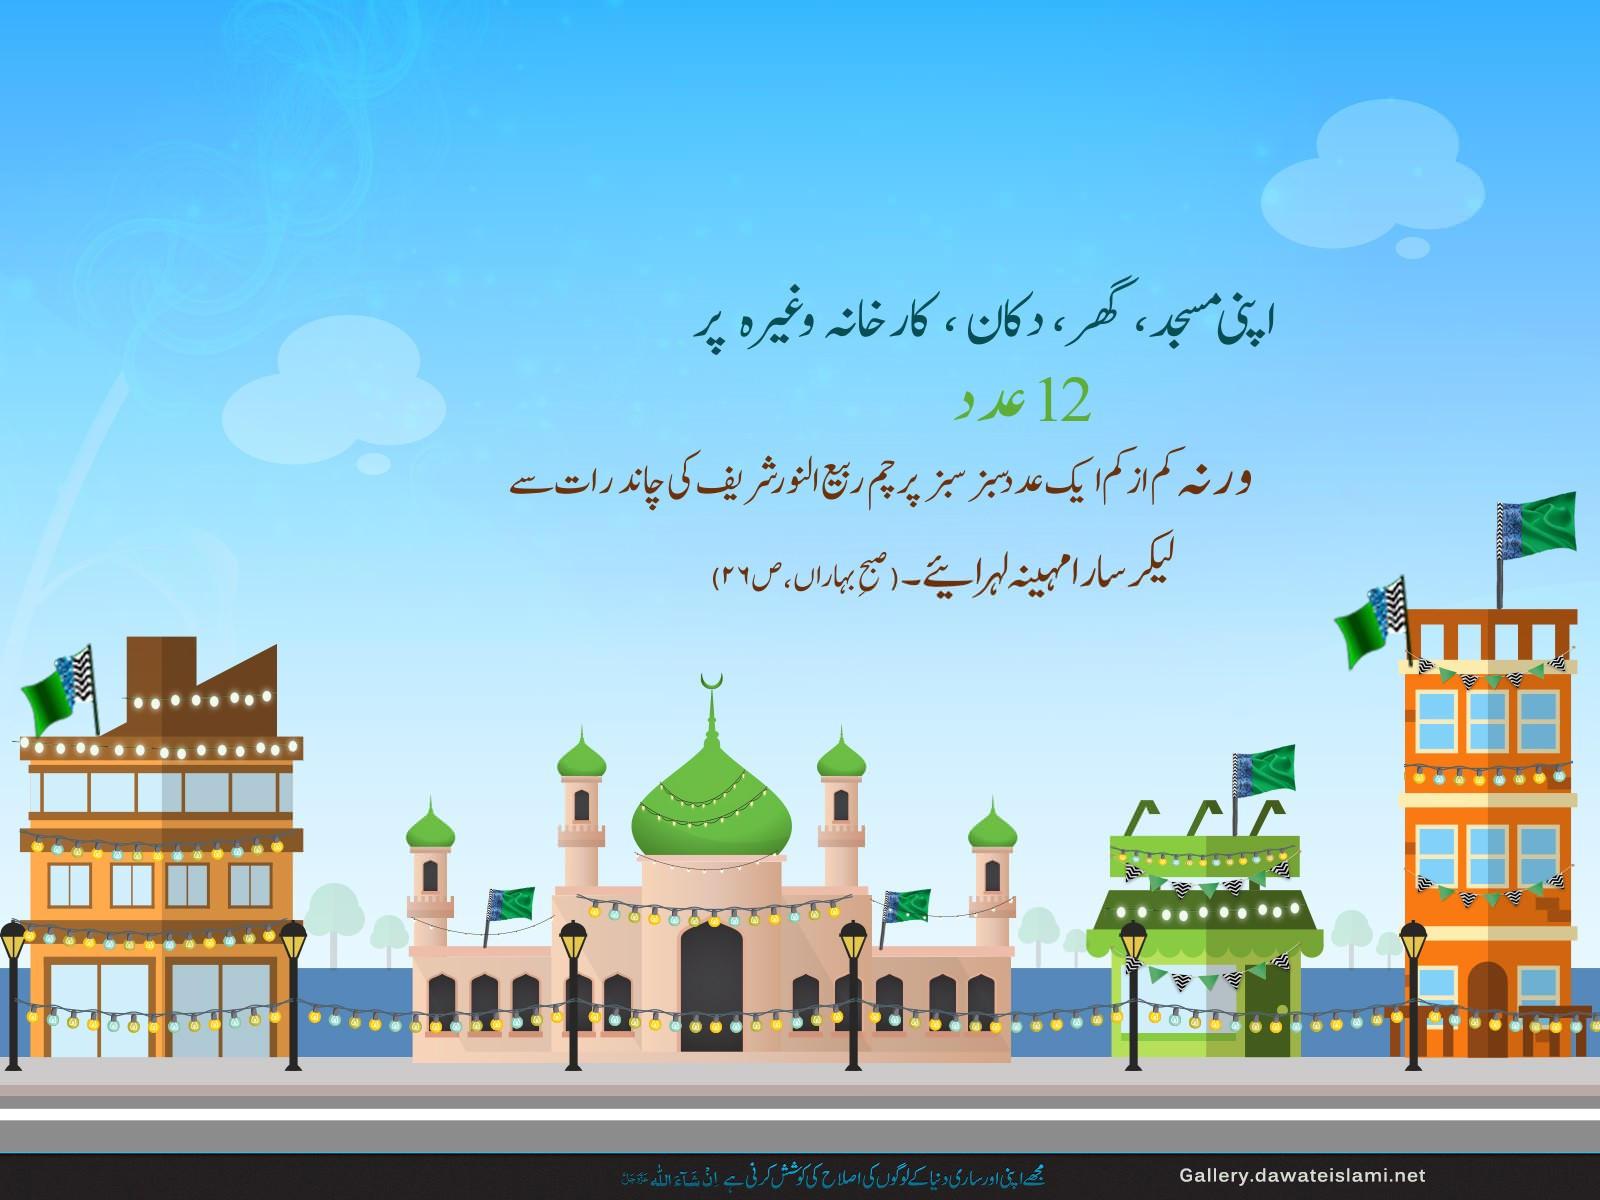 Sabz Sabz jhanday lehrain- Rabi un noor wallpaper